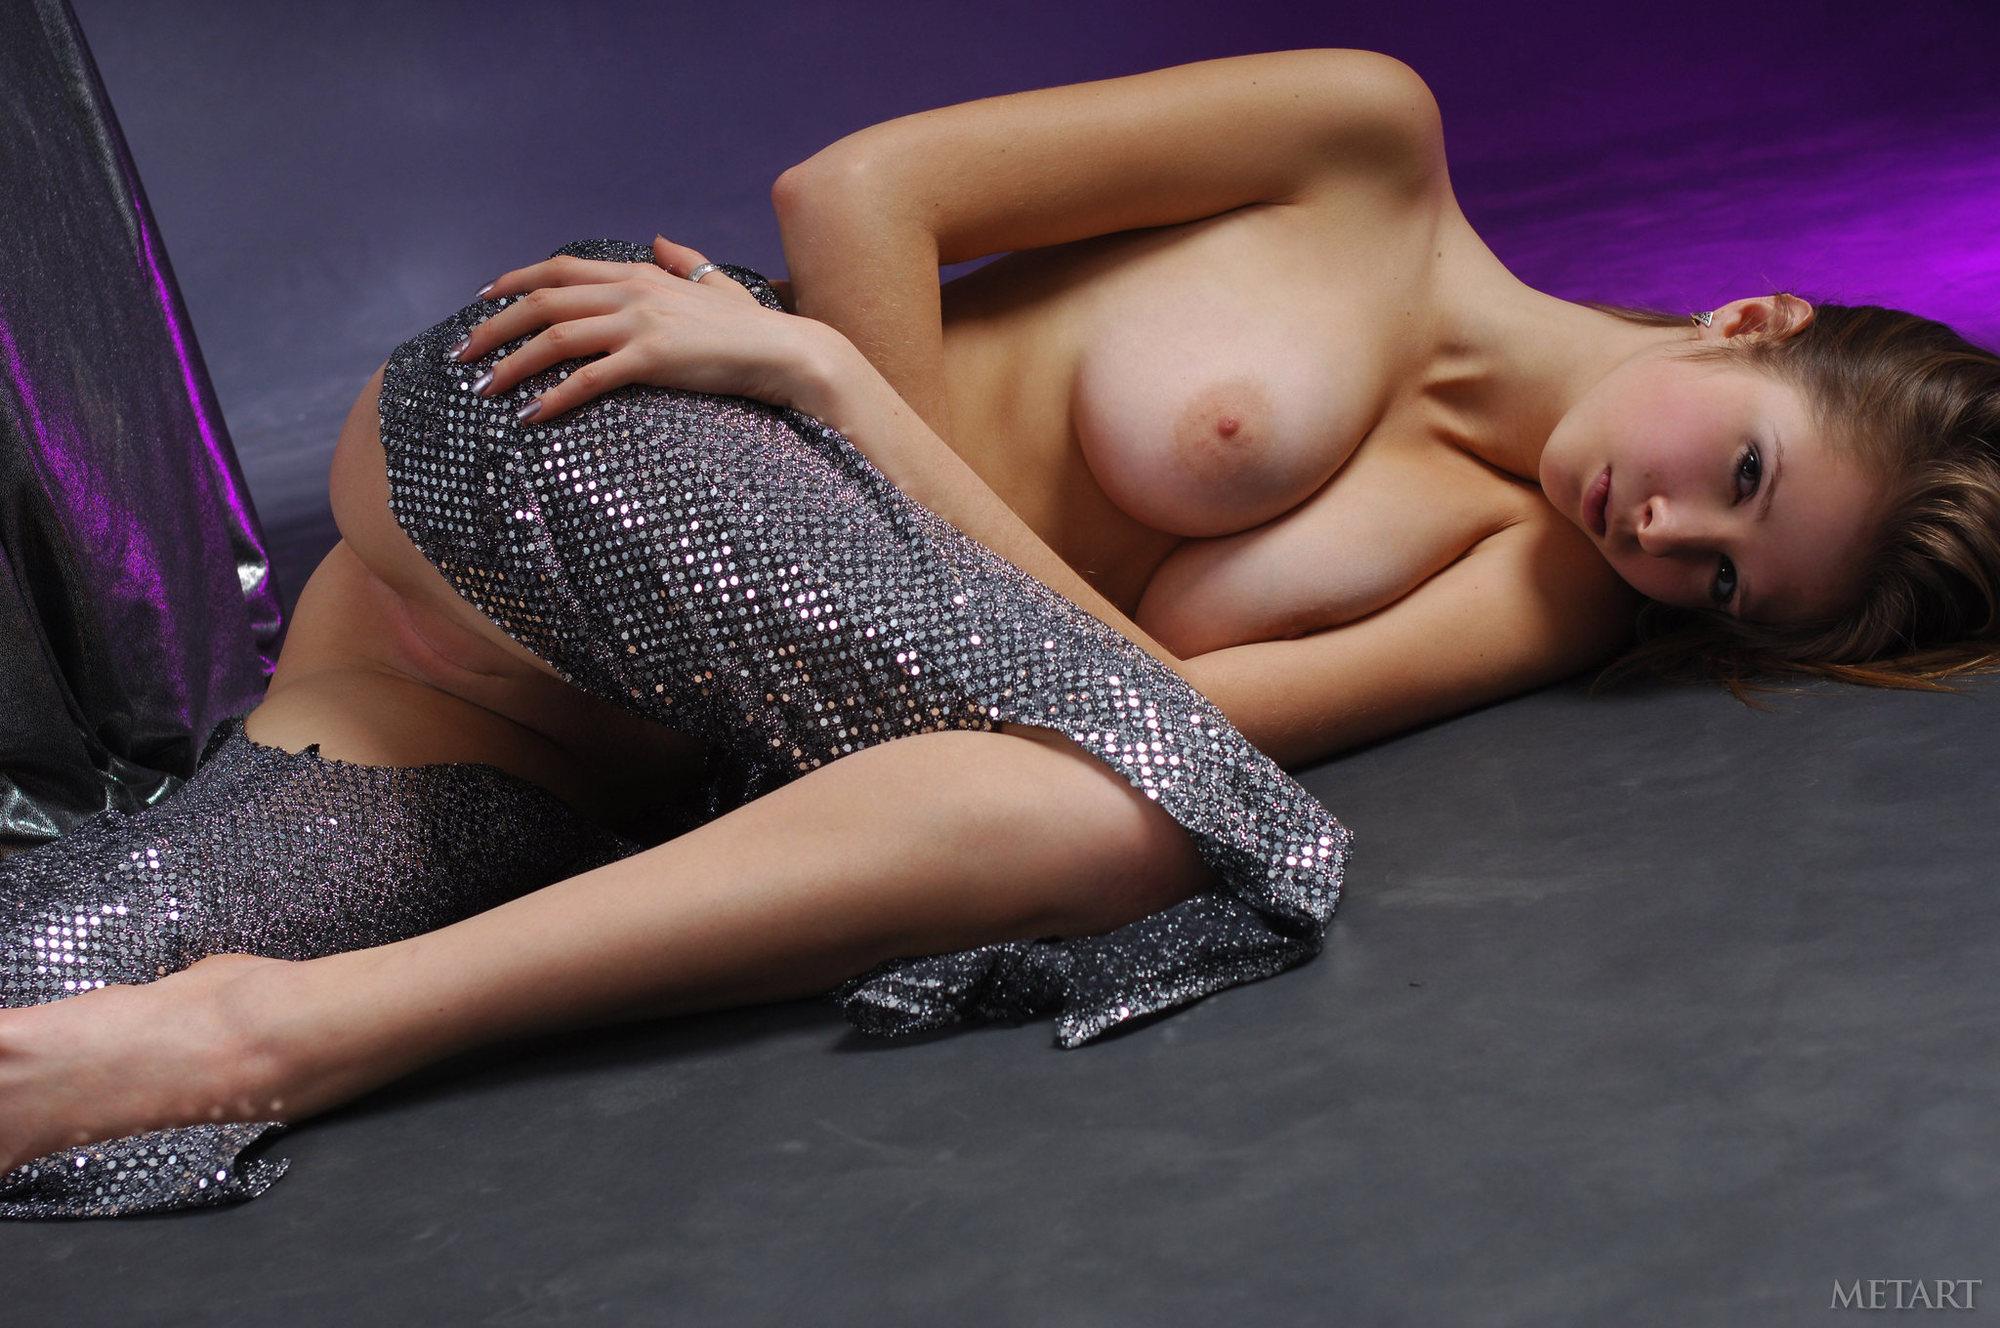 seks-s-bolshimi-zhenshinami-lesbiyankami